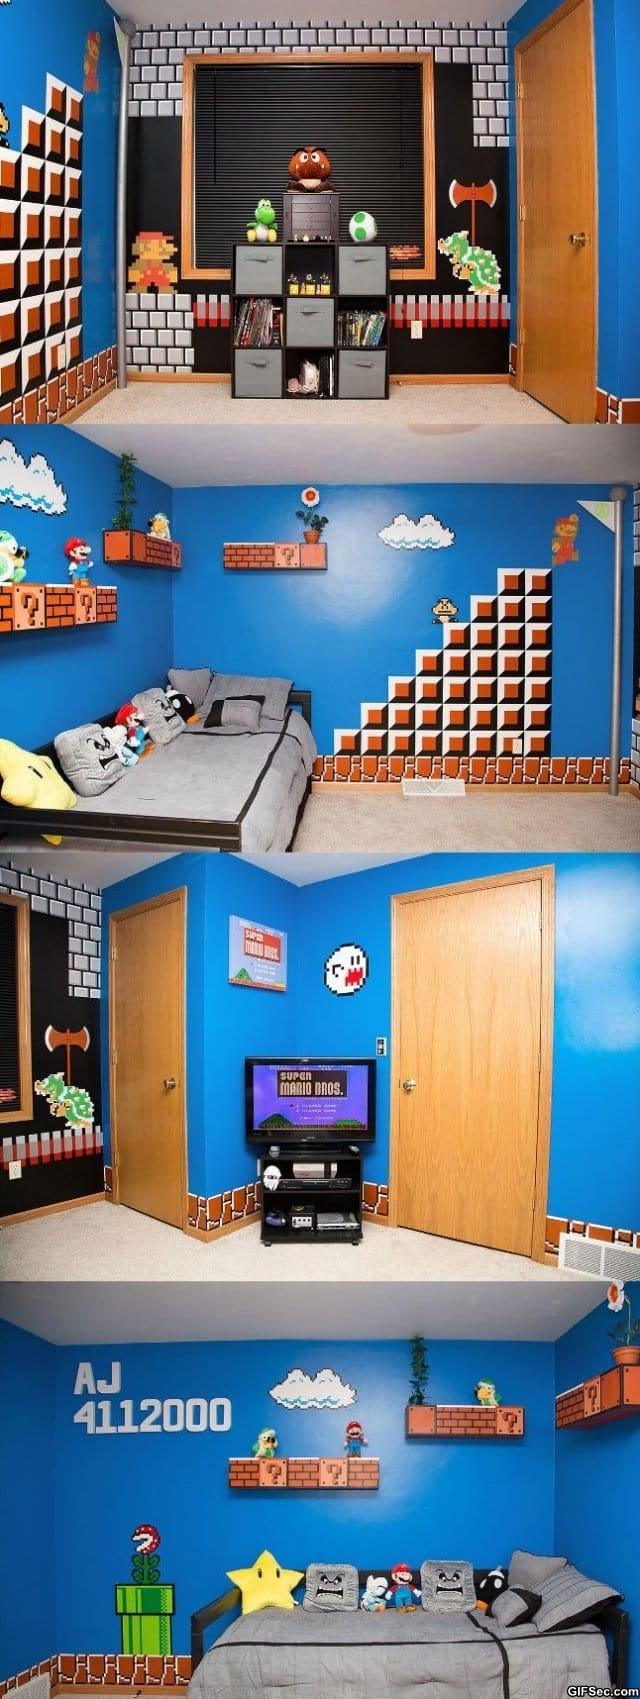 lol pics 2014 super mario themed room